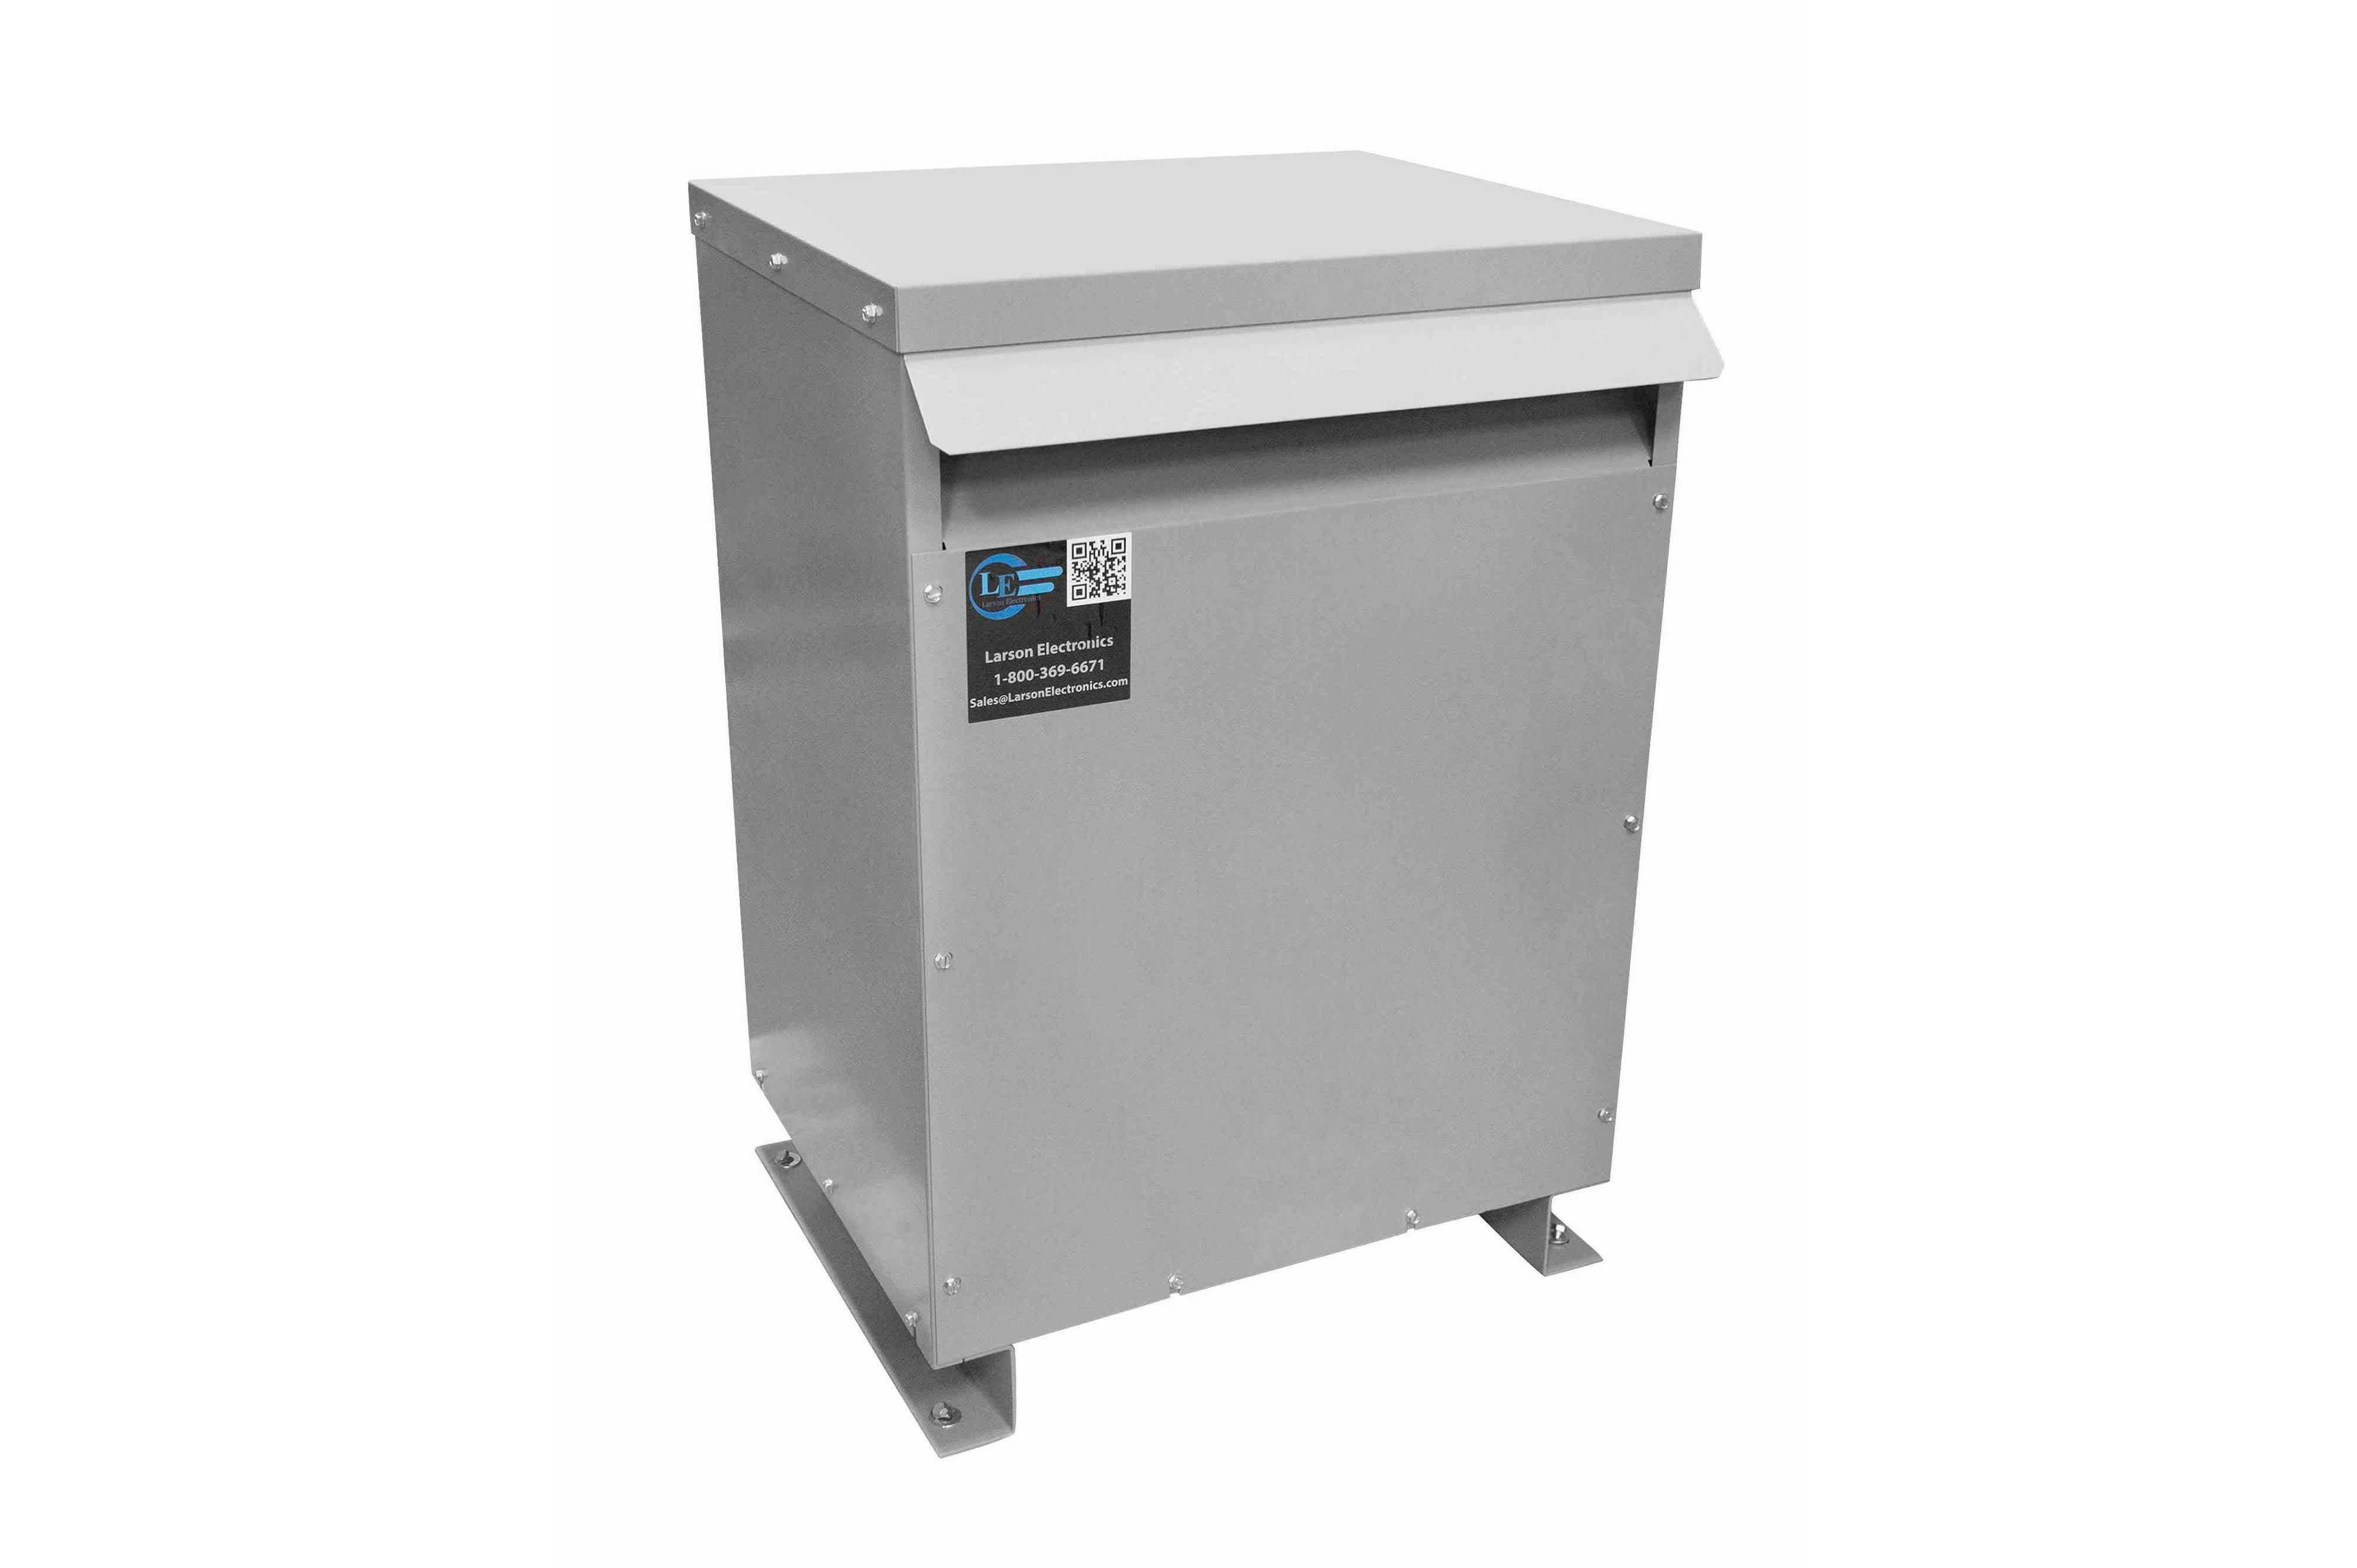 167 kVA 3PH DOE Transformer, 480V Delta Primary, 240V/120 Delta Secondary, N3R, Ventilated, 60 Hz